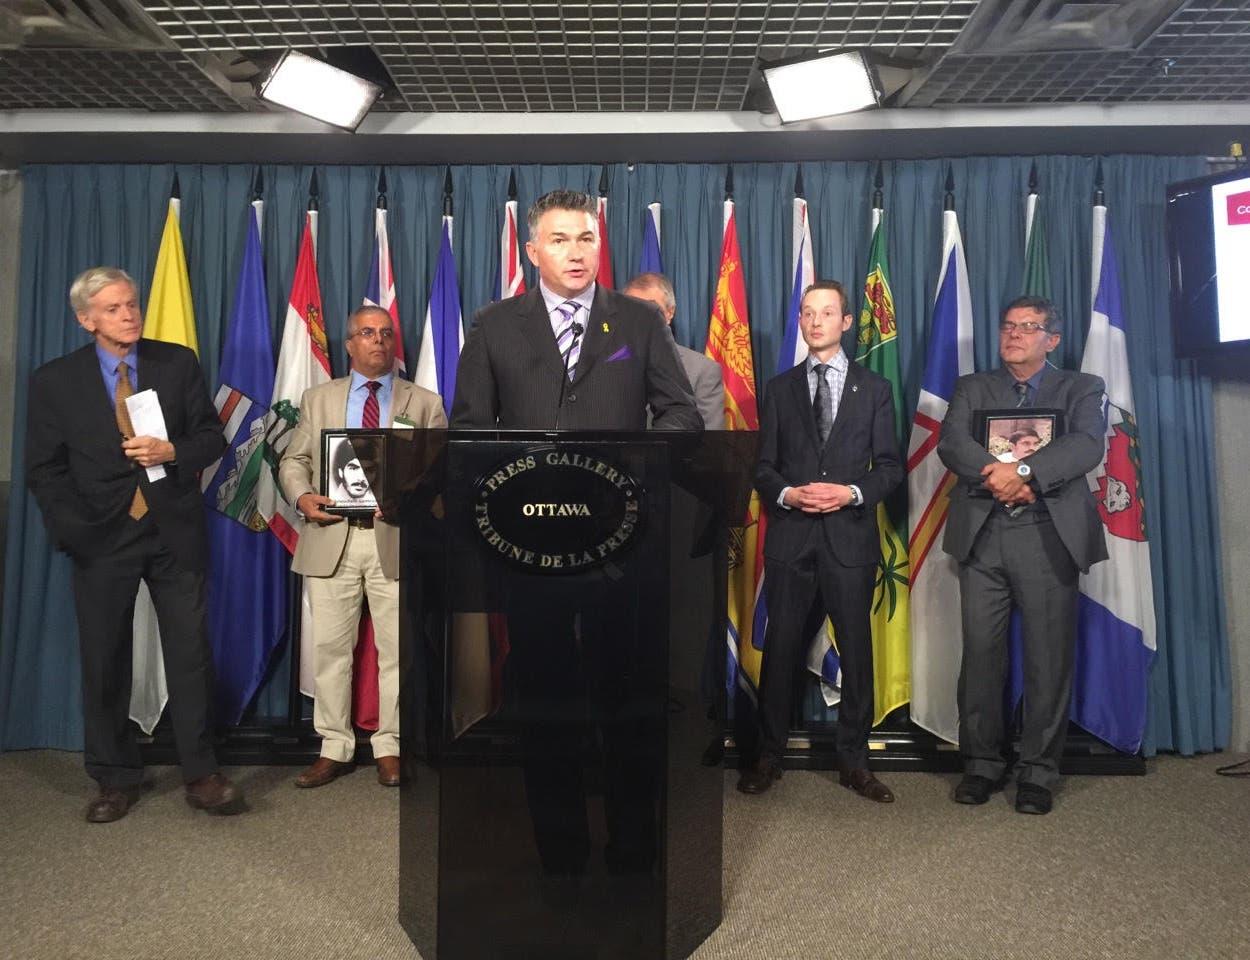 برلمانيون كنديون يطالبون بتحقيق أممي في مجازر إيران 310c063a-5014-440f-8817-109eb002b501